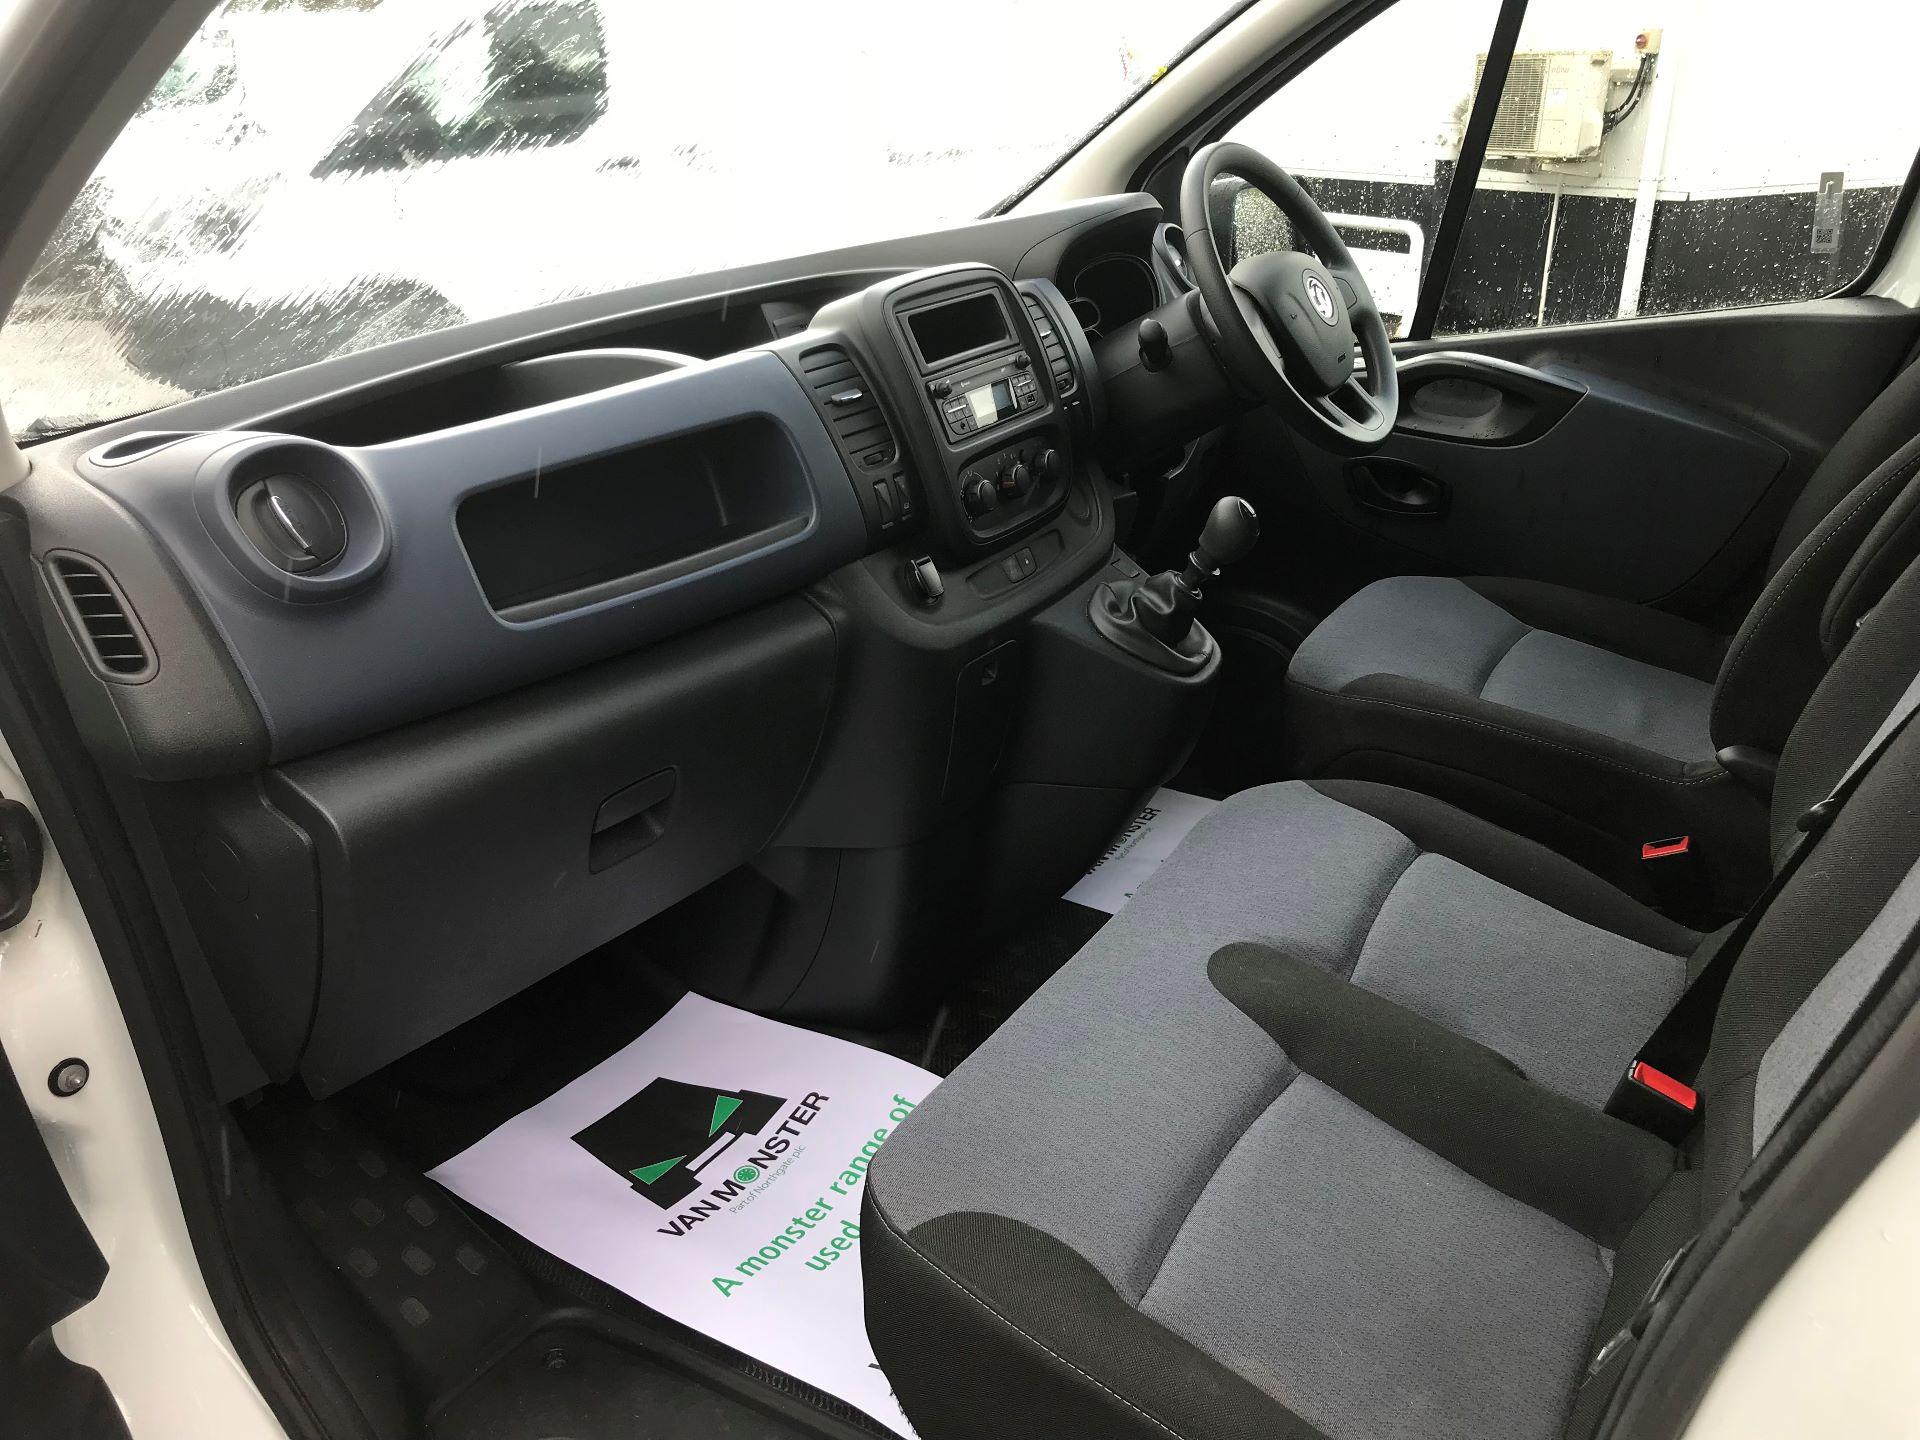 2017 Vauxhall Vivaro L2 H1 2900 1.6CDTI 120PS EURO 6 (DV67WJG) Image 17